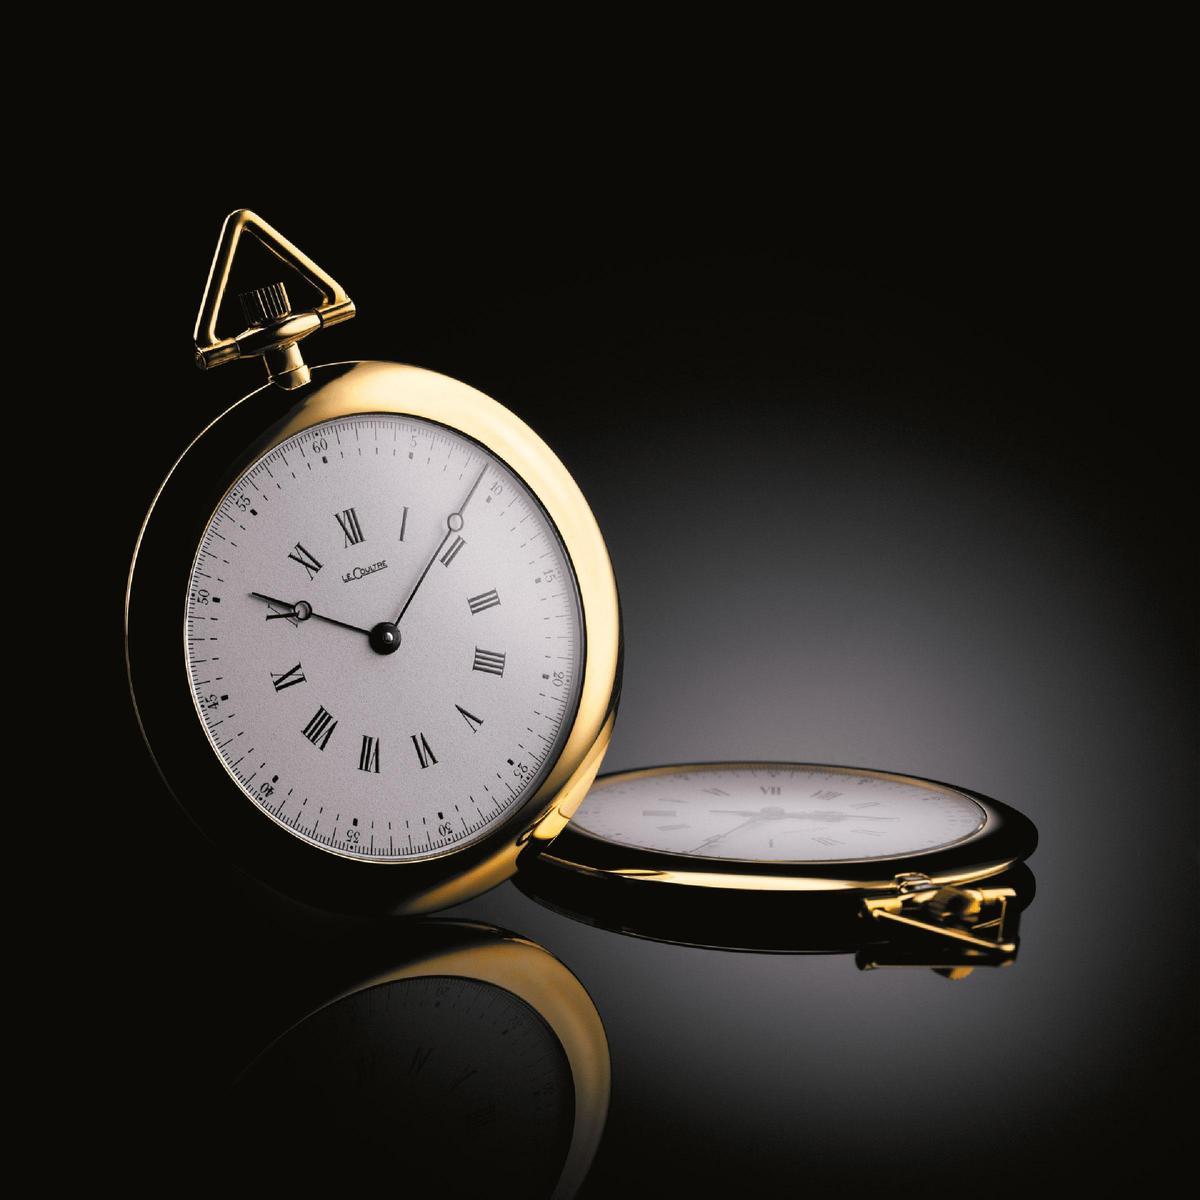 全新的「KINGSMAN」主題限量錶是以1907 年面世的著名「Couteau」懷錶為靈感打造而成。